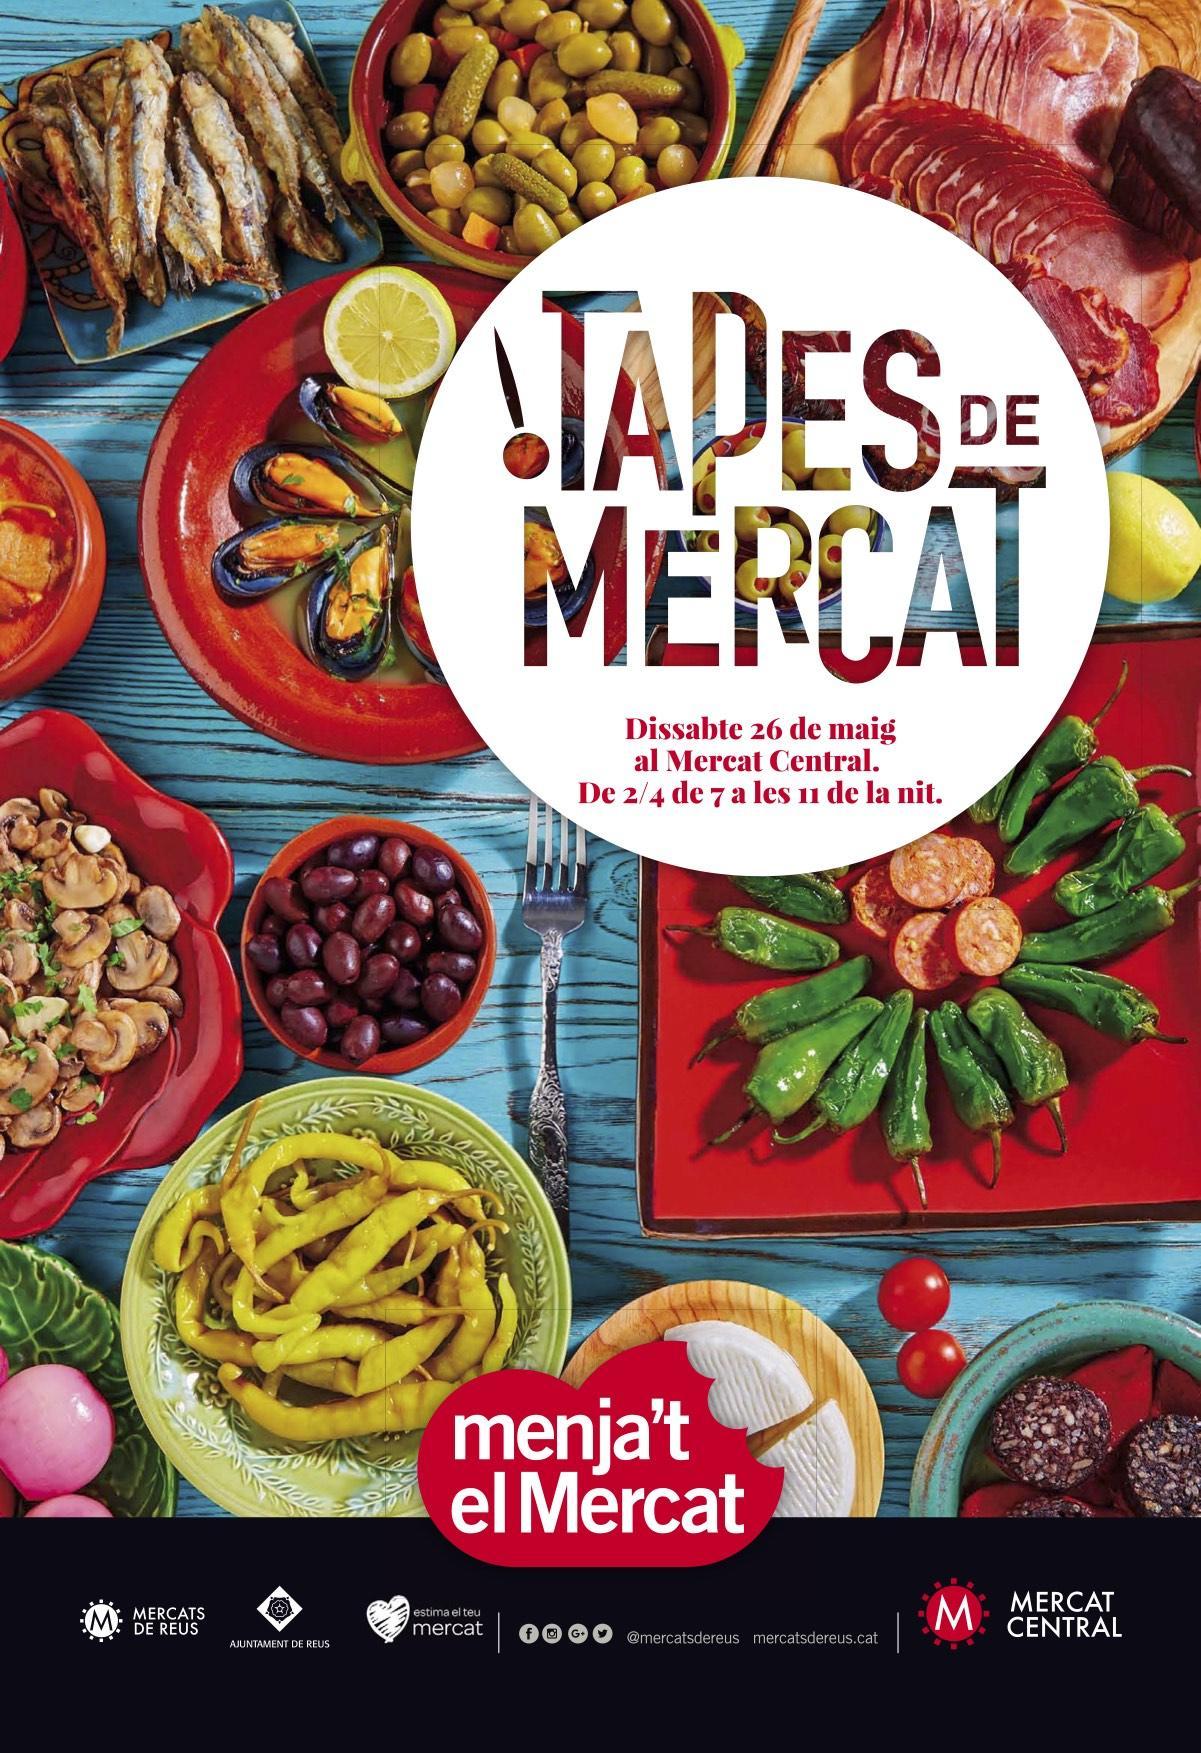 Menja't el Mercat, la nit de tapes al Mercat Central